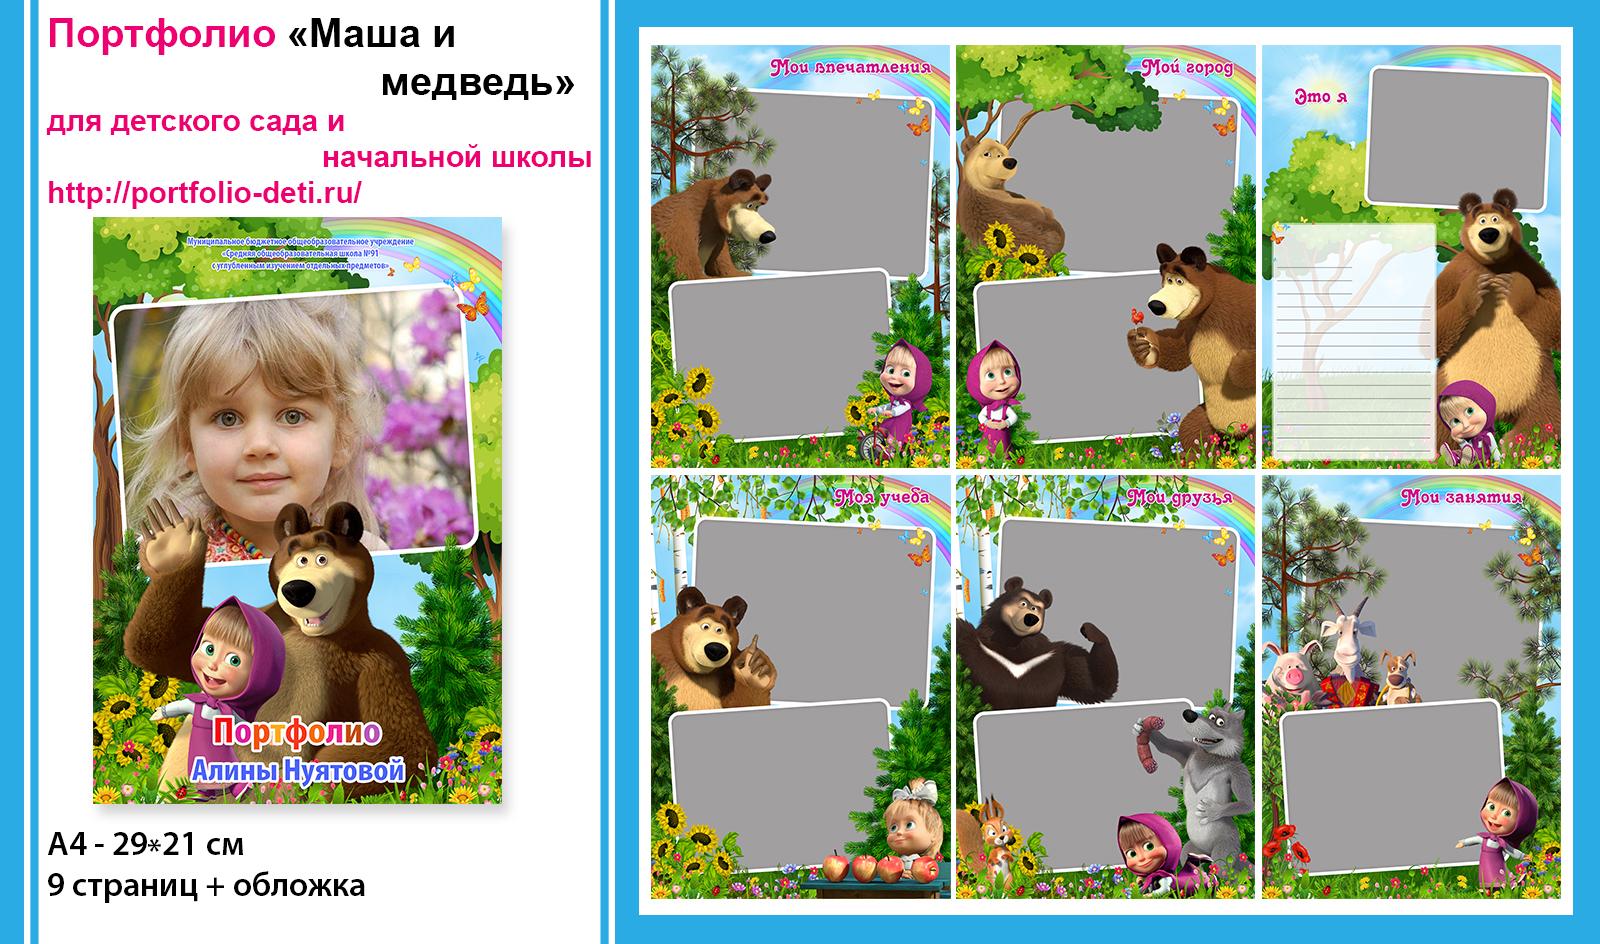 Шаблон портфолио для детей Маша и медведь